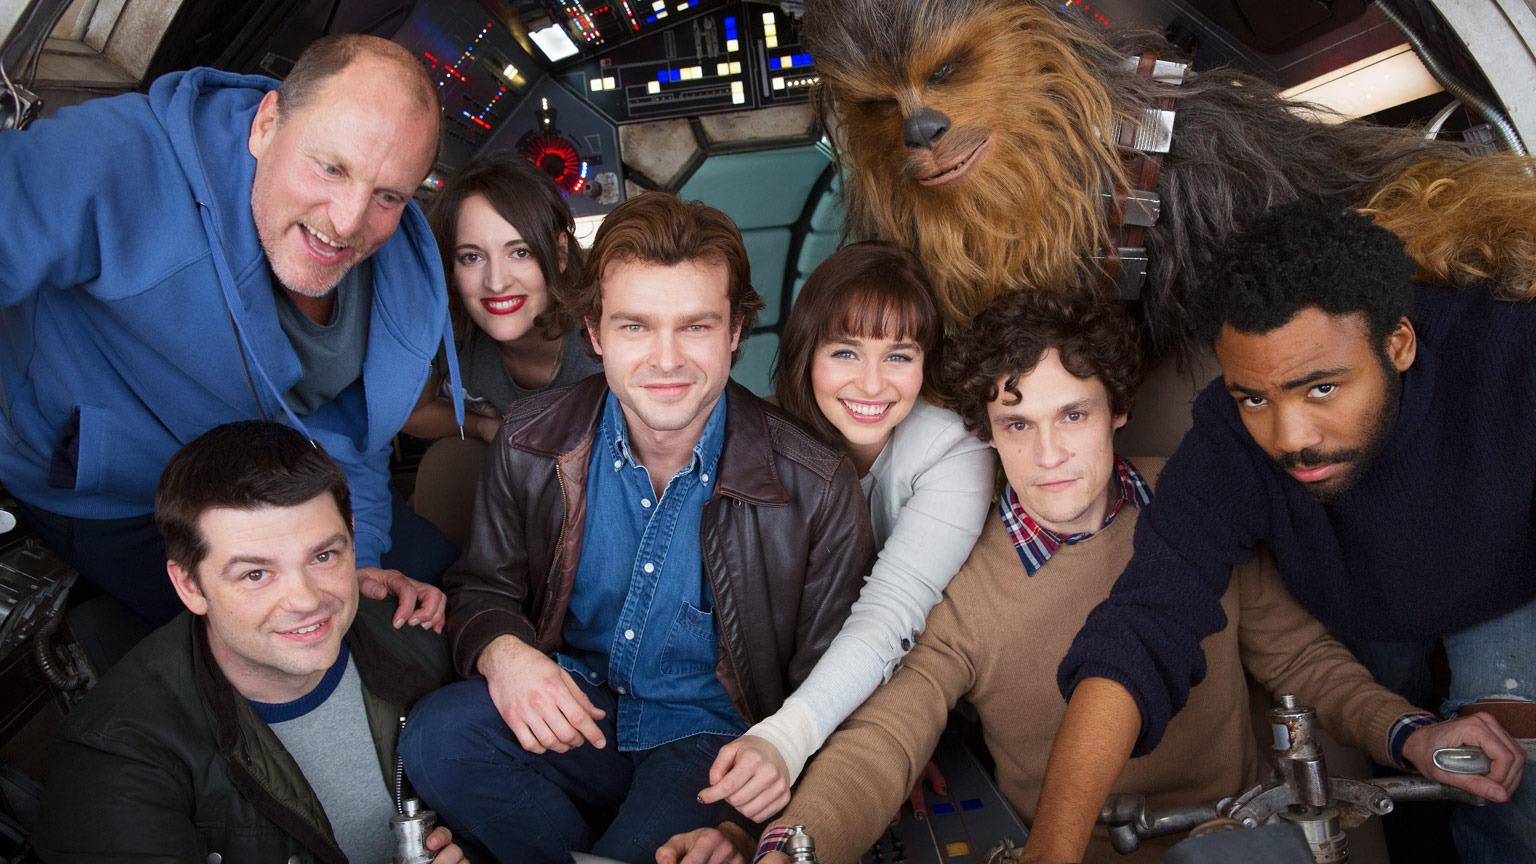 Alden Ehrenreich como Han Solo, Woody Harrelson, Emilia Clarke, Donald Glover como Lando Calrissian, Thandie Newton, y Phoebe Waller-Bridge, con Joonas Suotamo como Chewbacca.